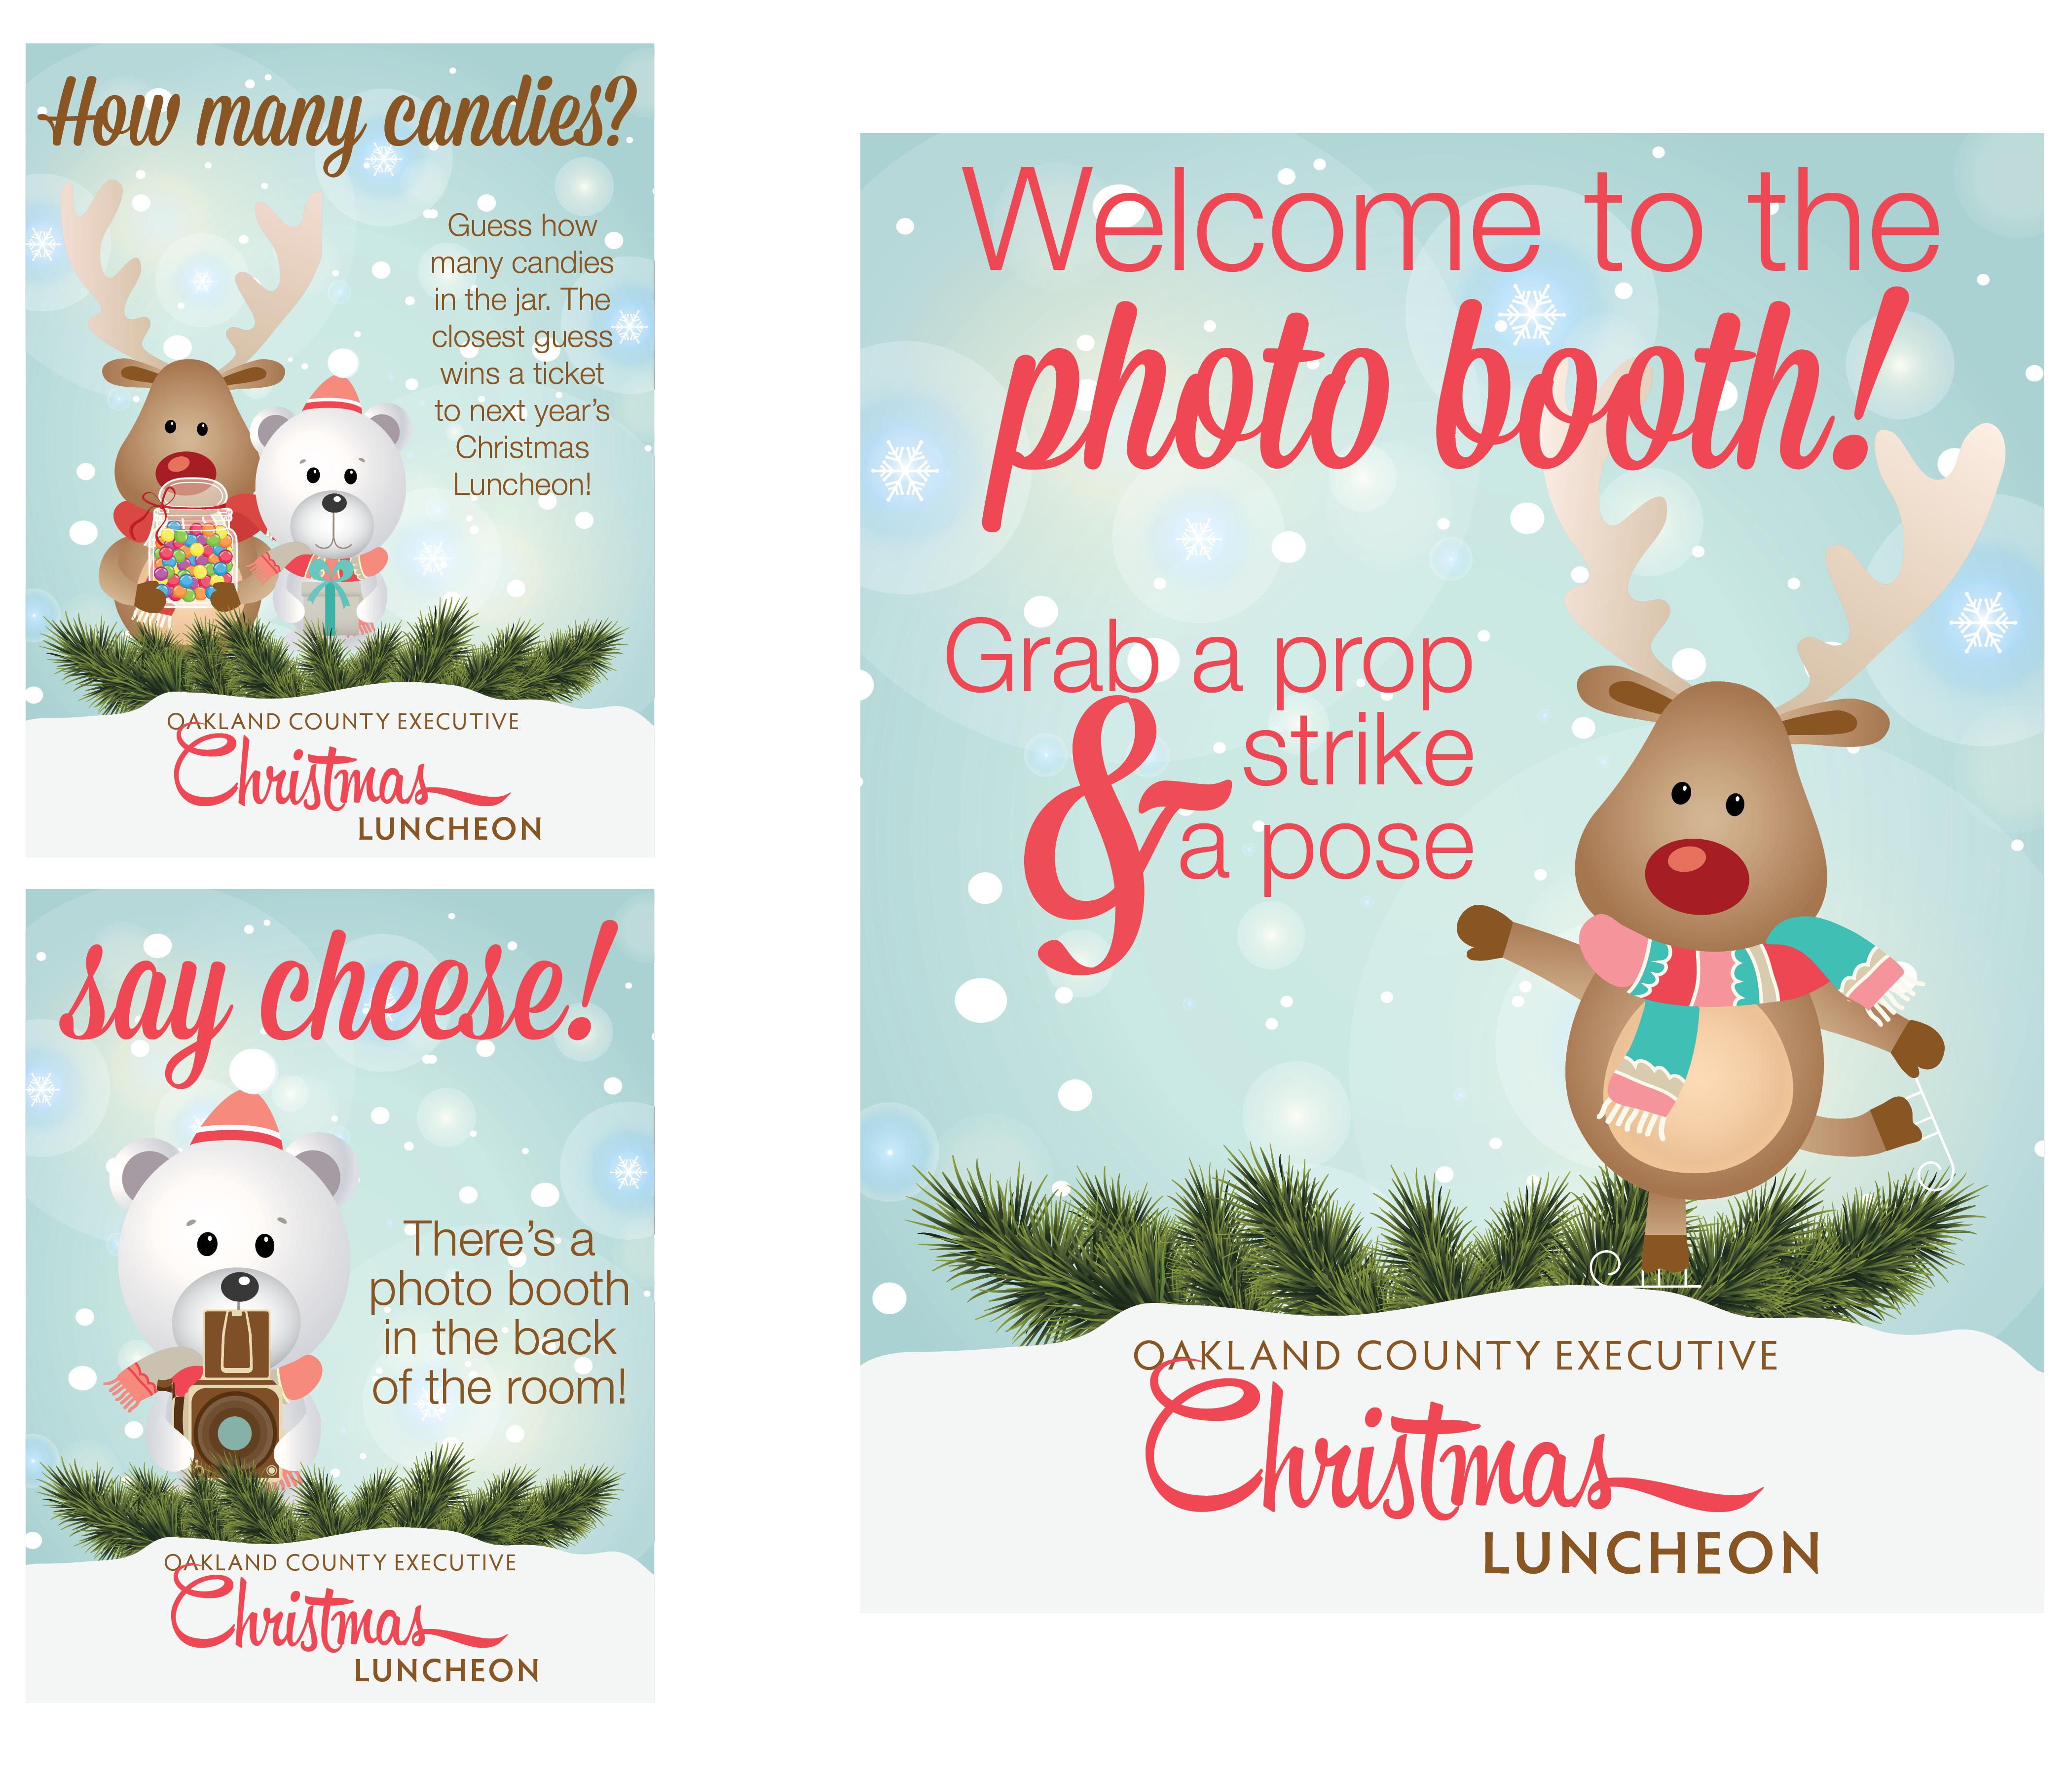 Christmas Luncheon Flyer